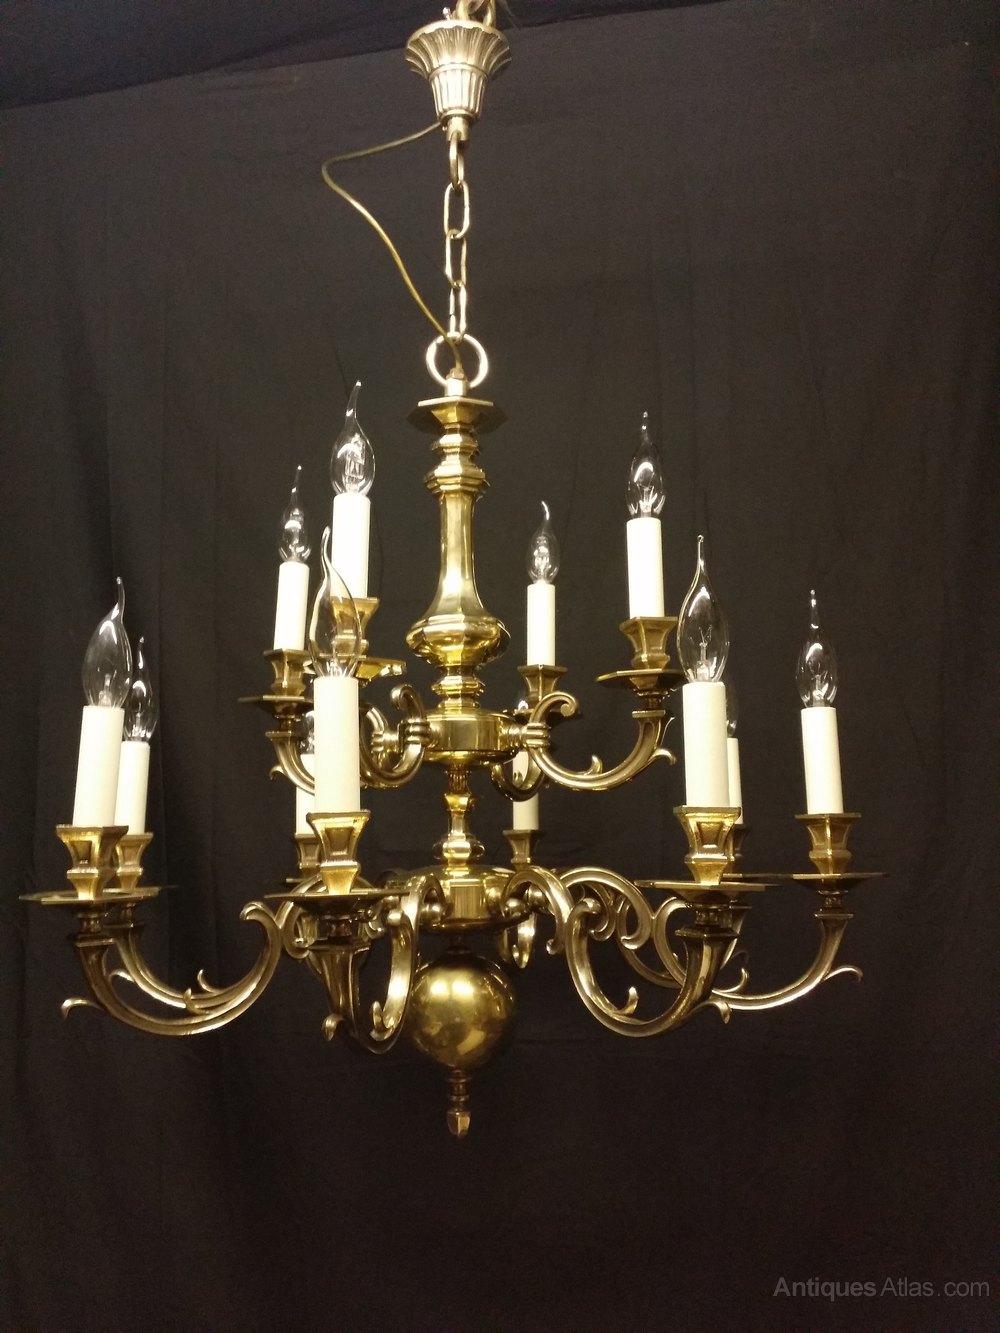 Antiques Atlas Antique Brass Flemish Chandelier